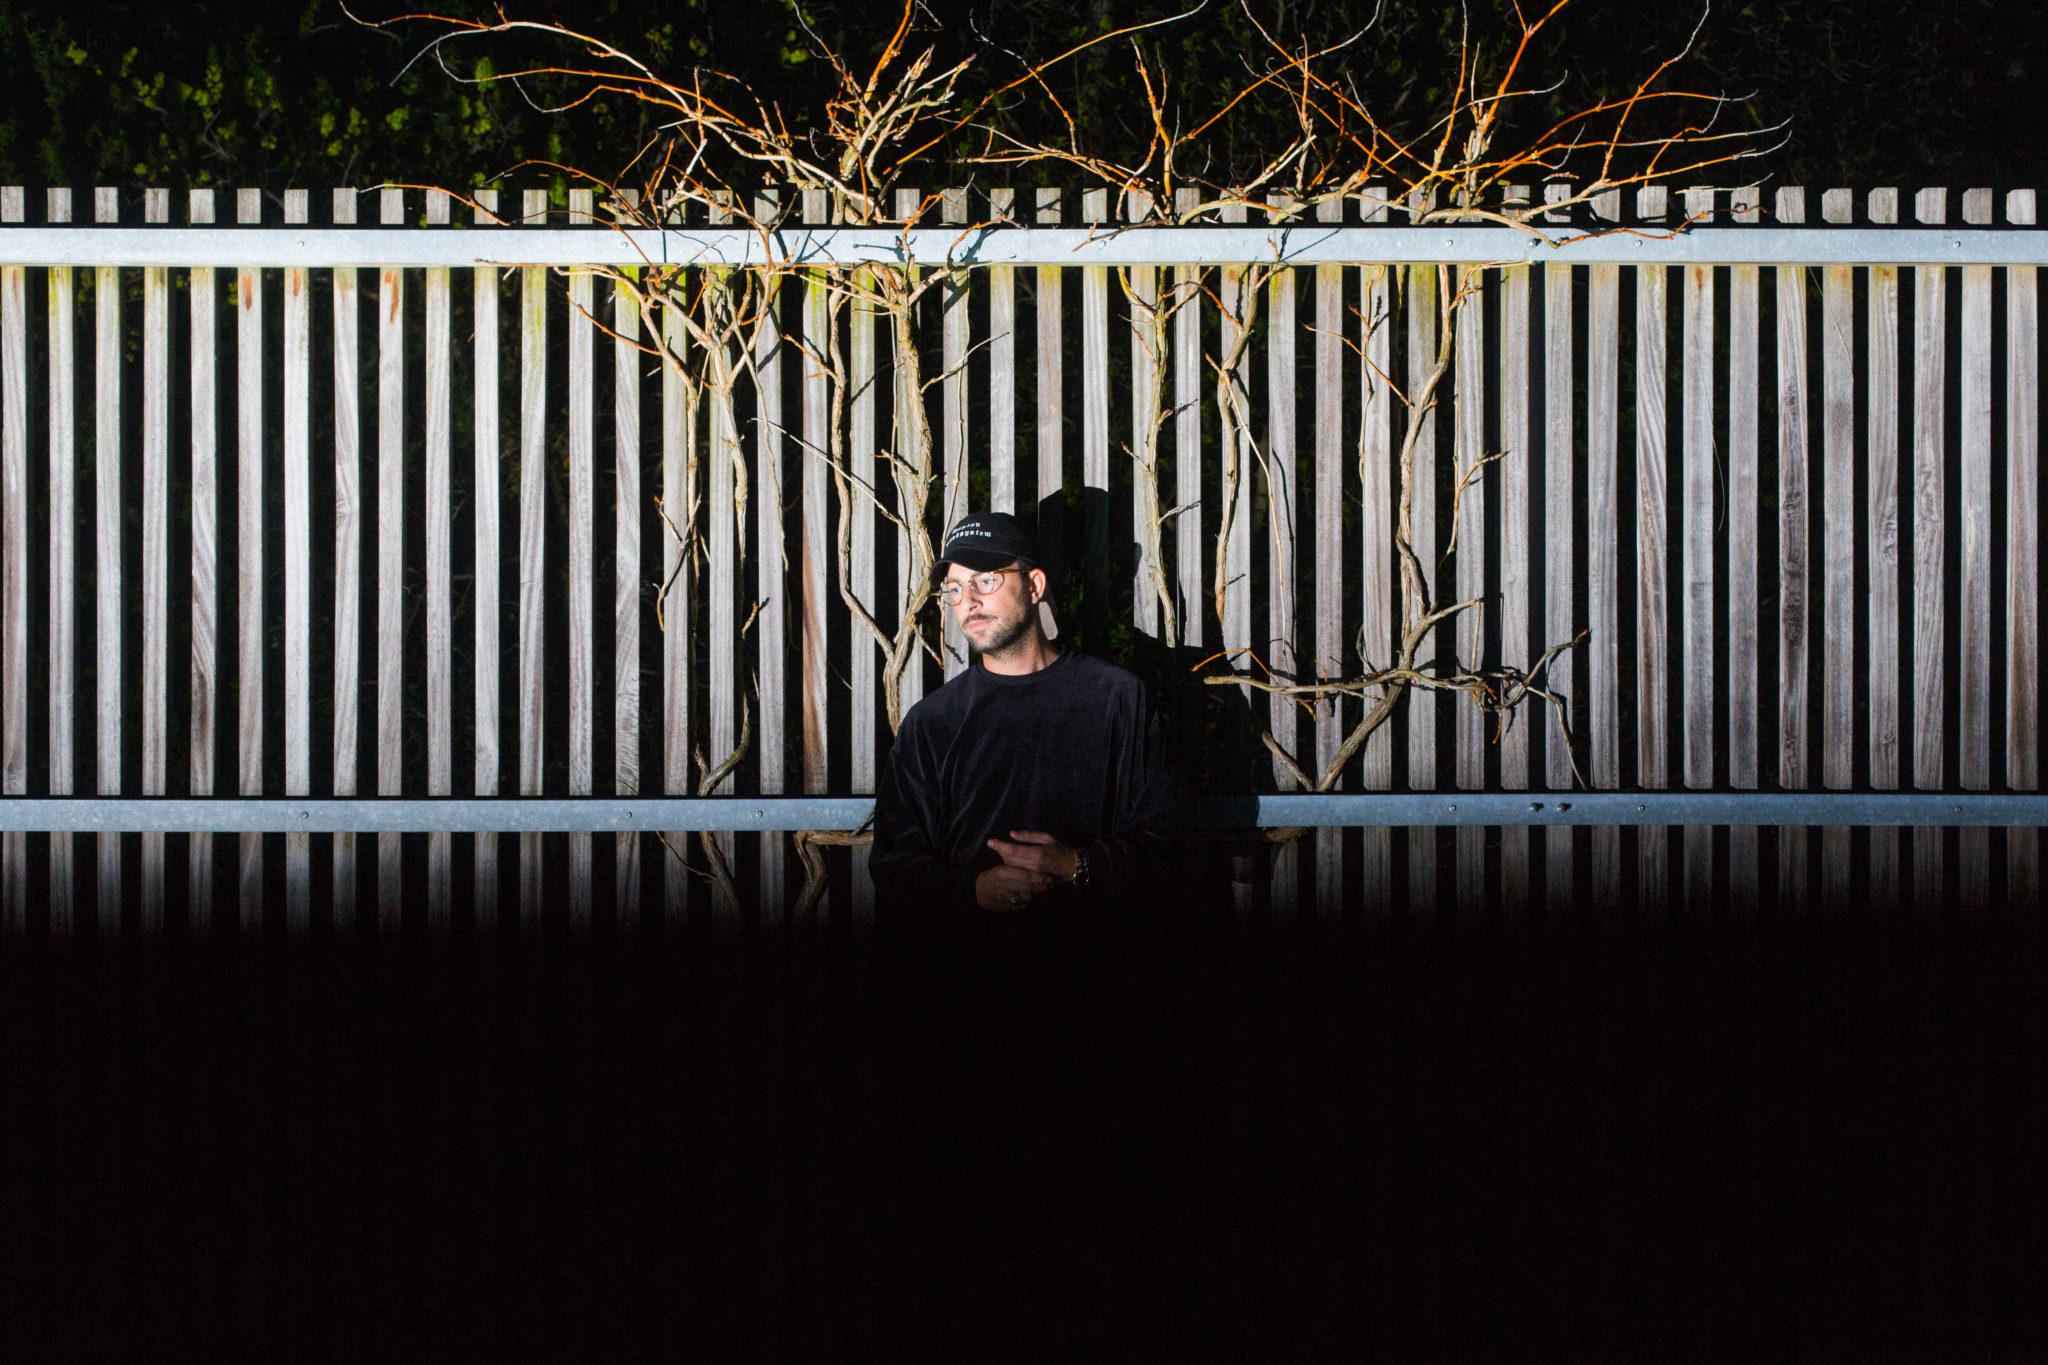 Mężczyzna w ciemności na tle białego płota